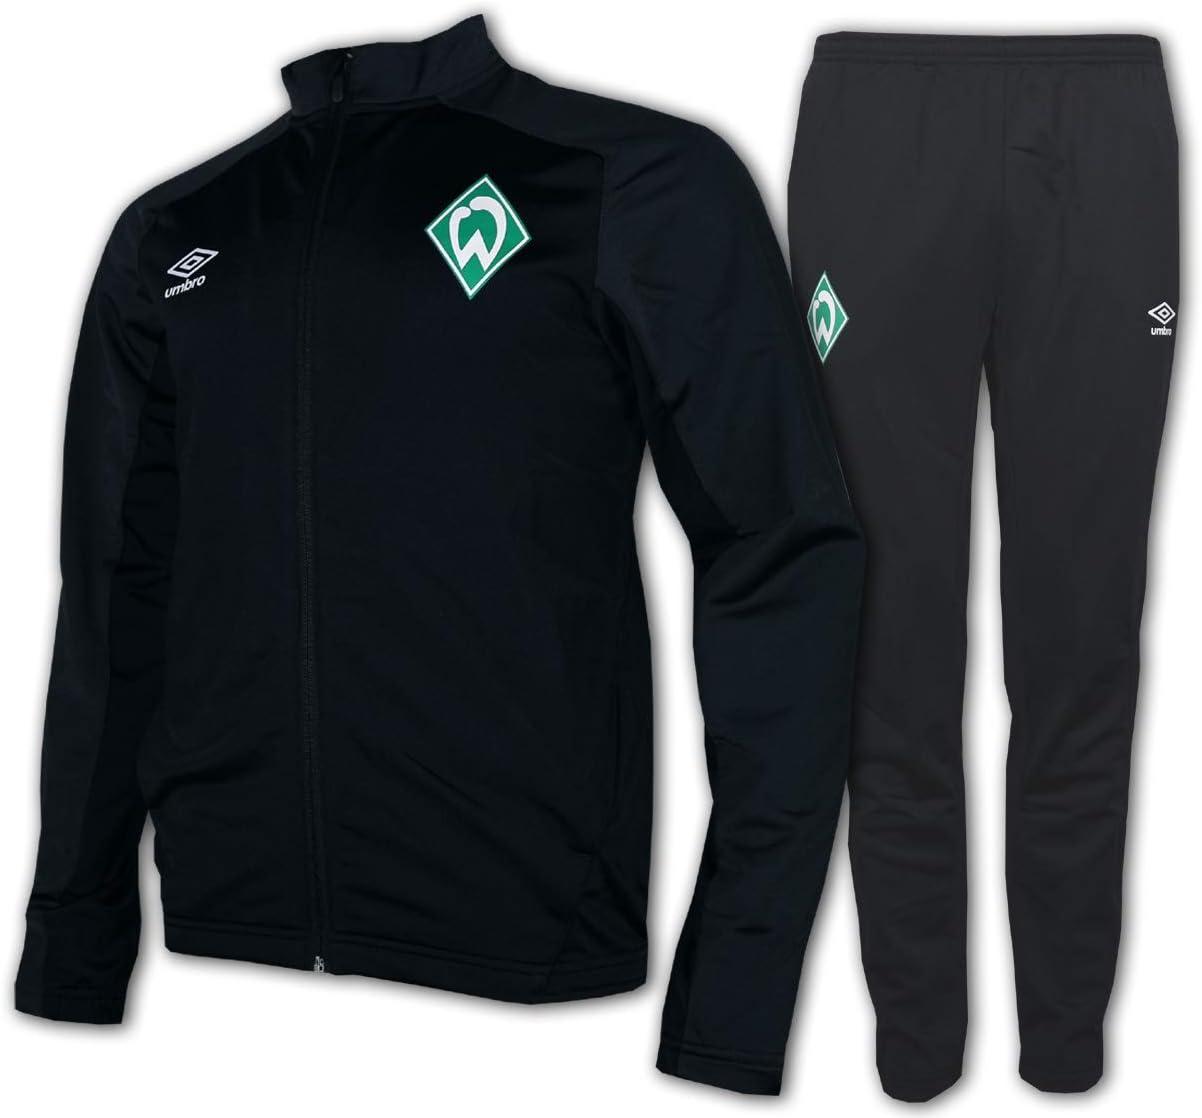 Umbro SV Werder Bremen - Chándal para Hombre, Color Negro y Gris ...